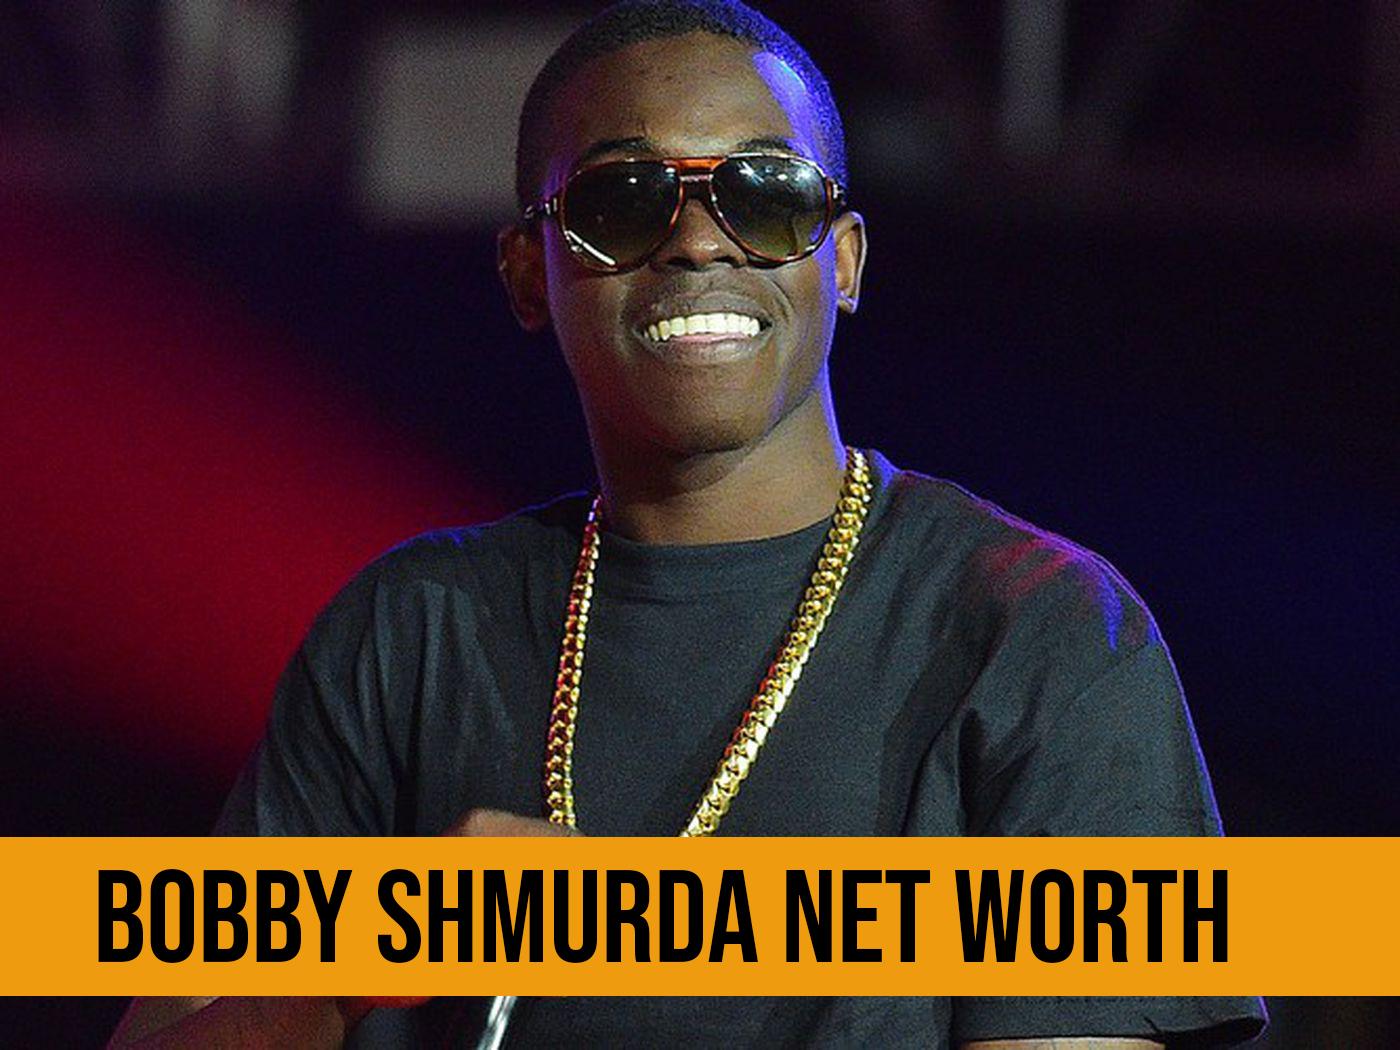 Bobby Shmurda Net Worth